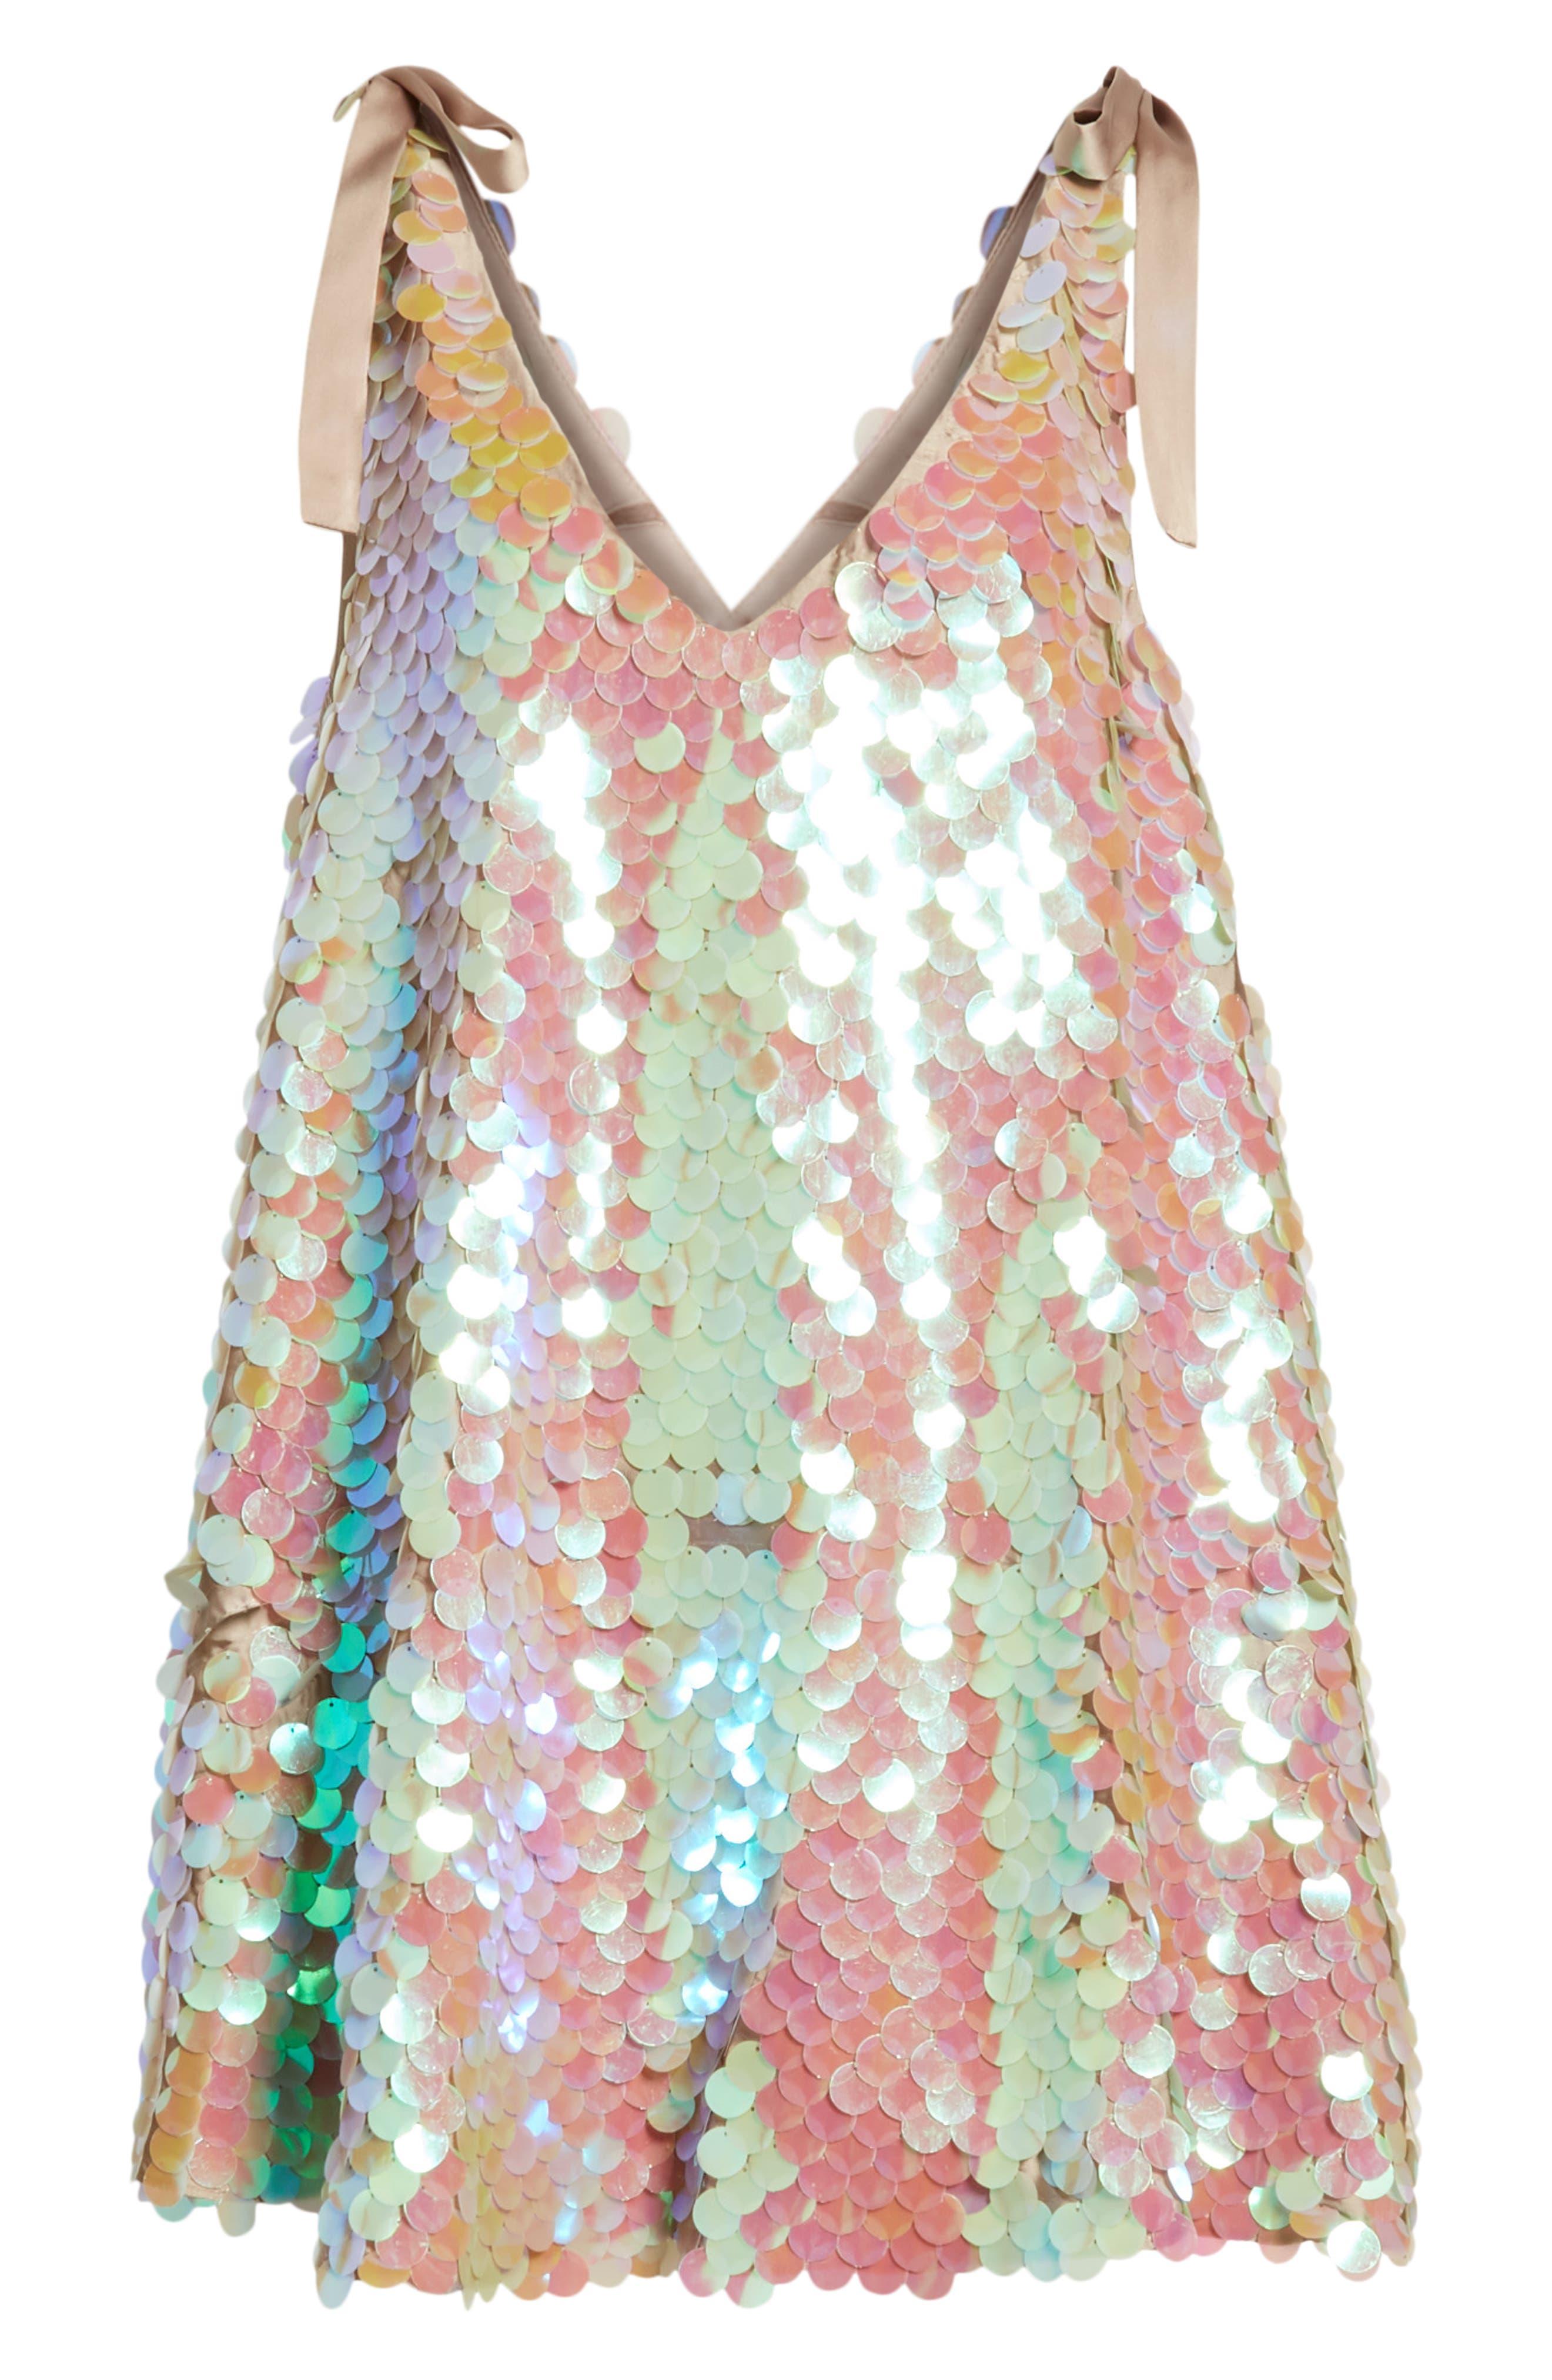 Penelope Glitter Disc Sequin Swing Dress,                             Alternate thumbnail 7, color,                             440